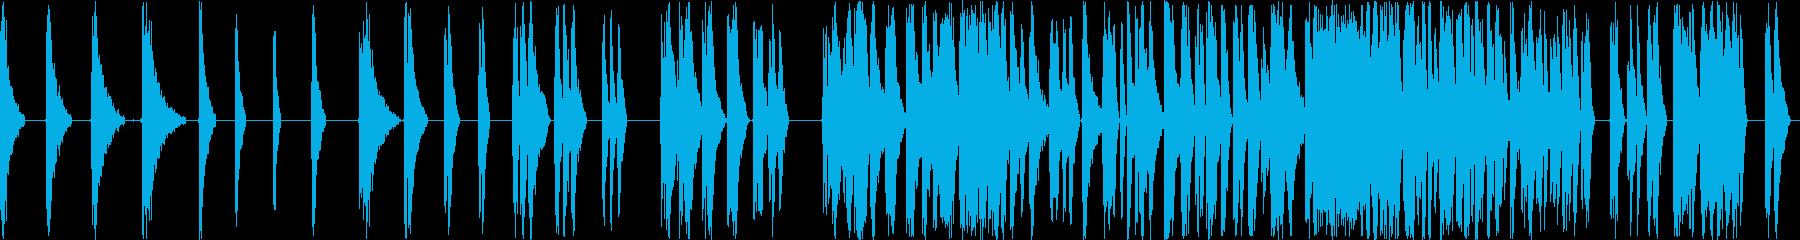 レーザーの戦いは長い複数のアーケー...の再生済みの波形